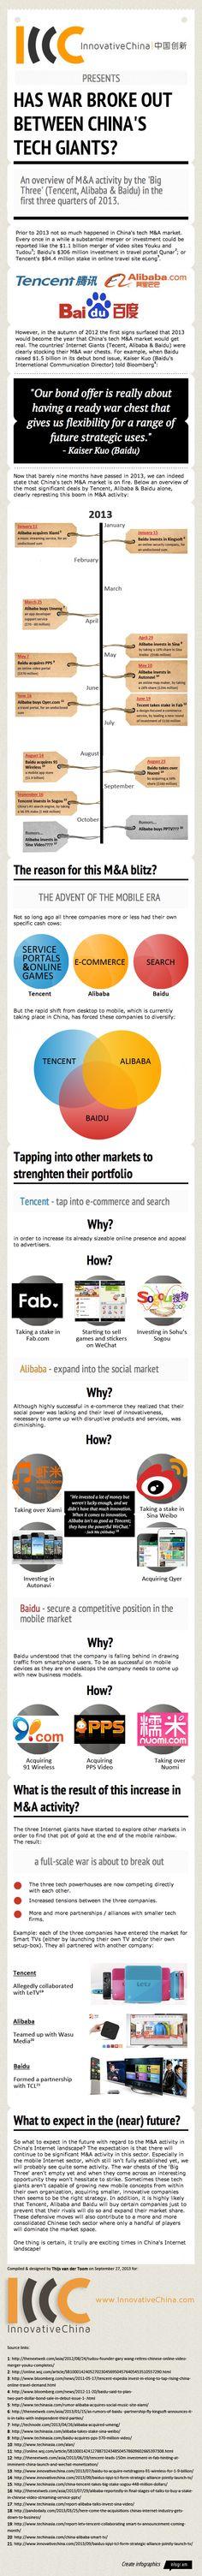 http://www.innovativ